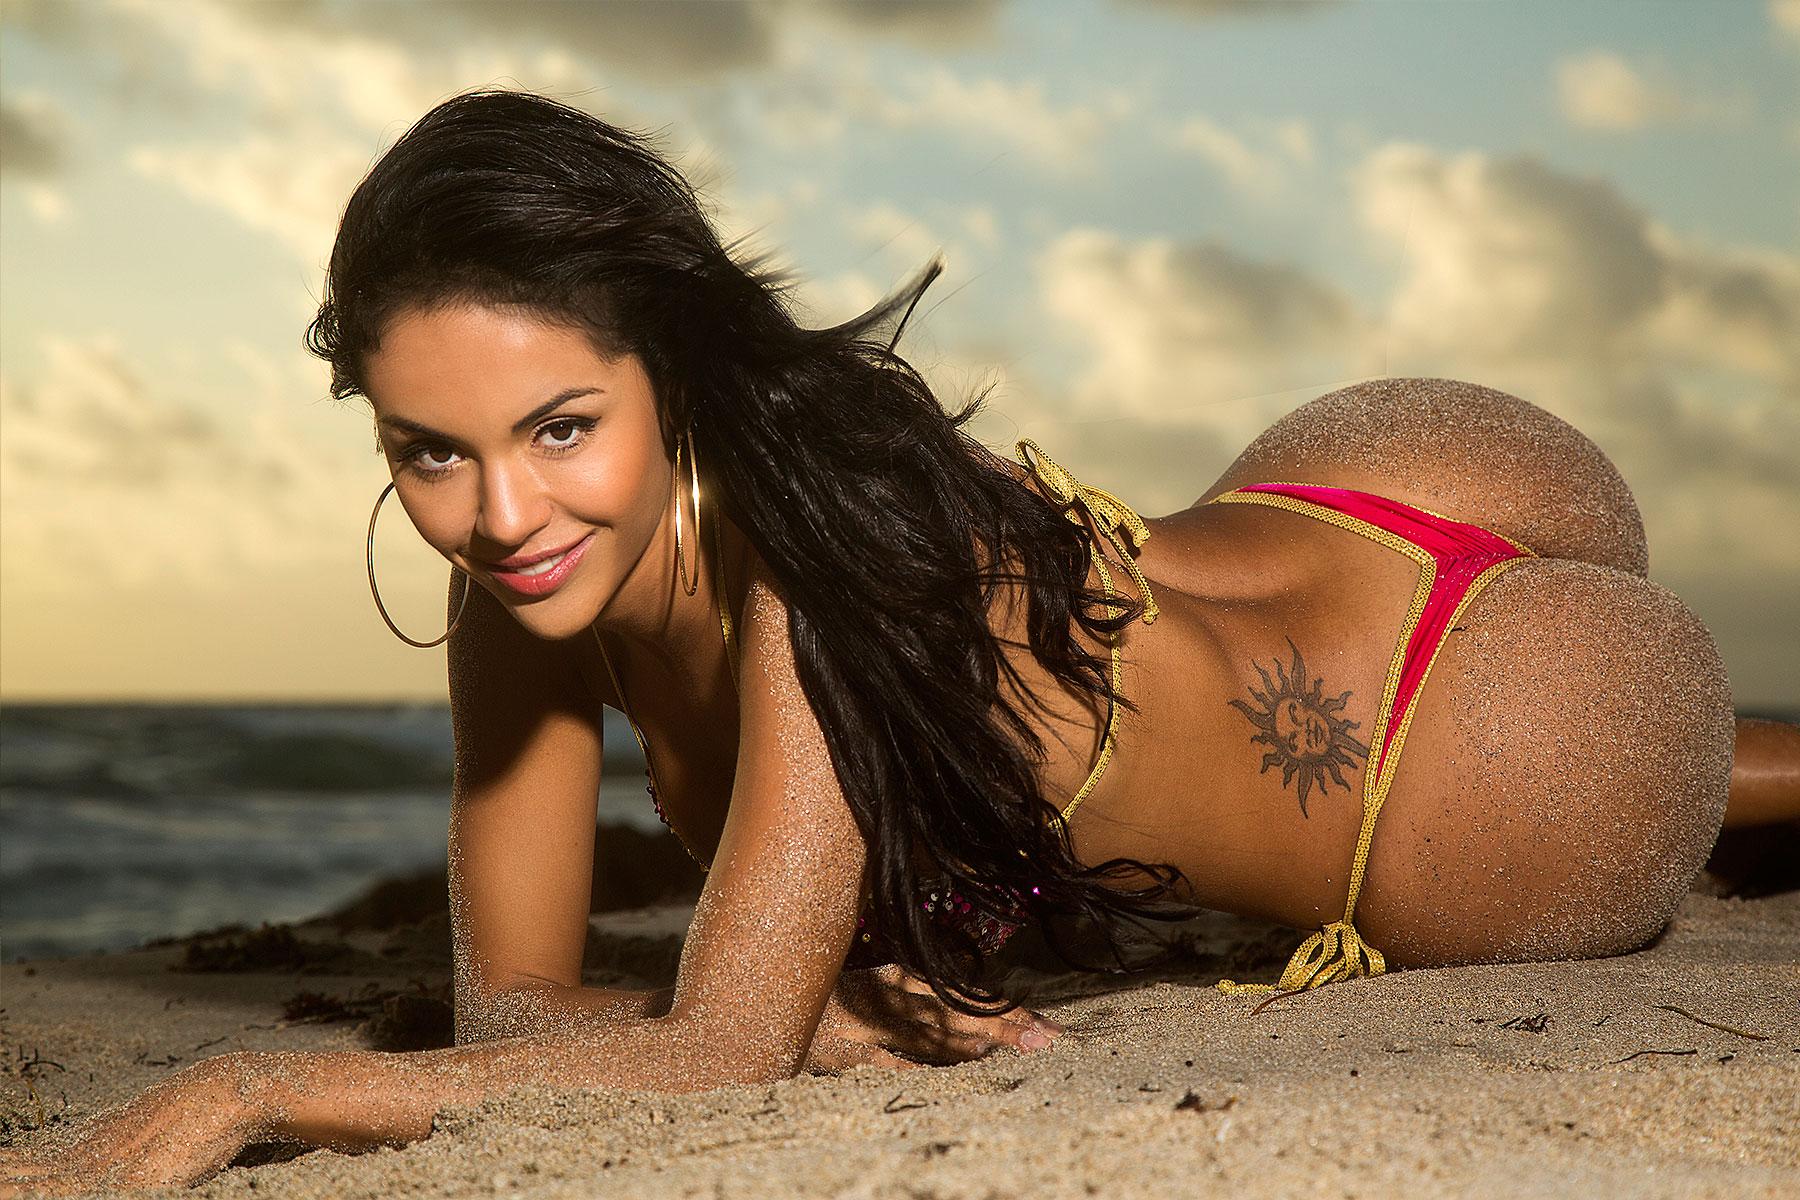 Бразильянки в бикини зажигают